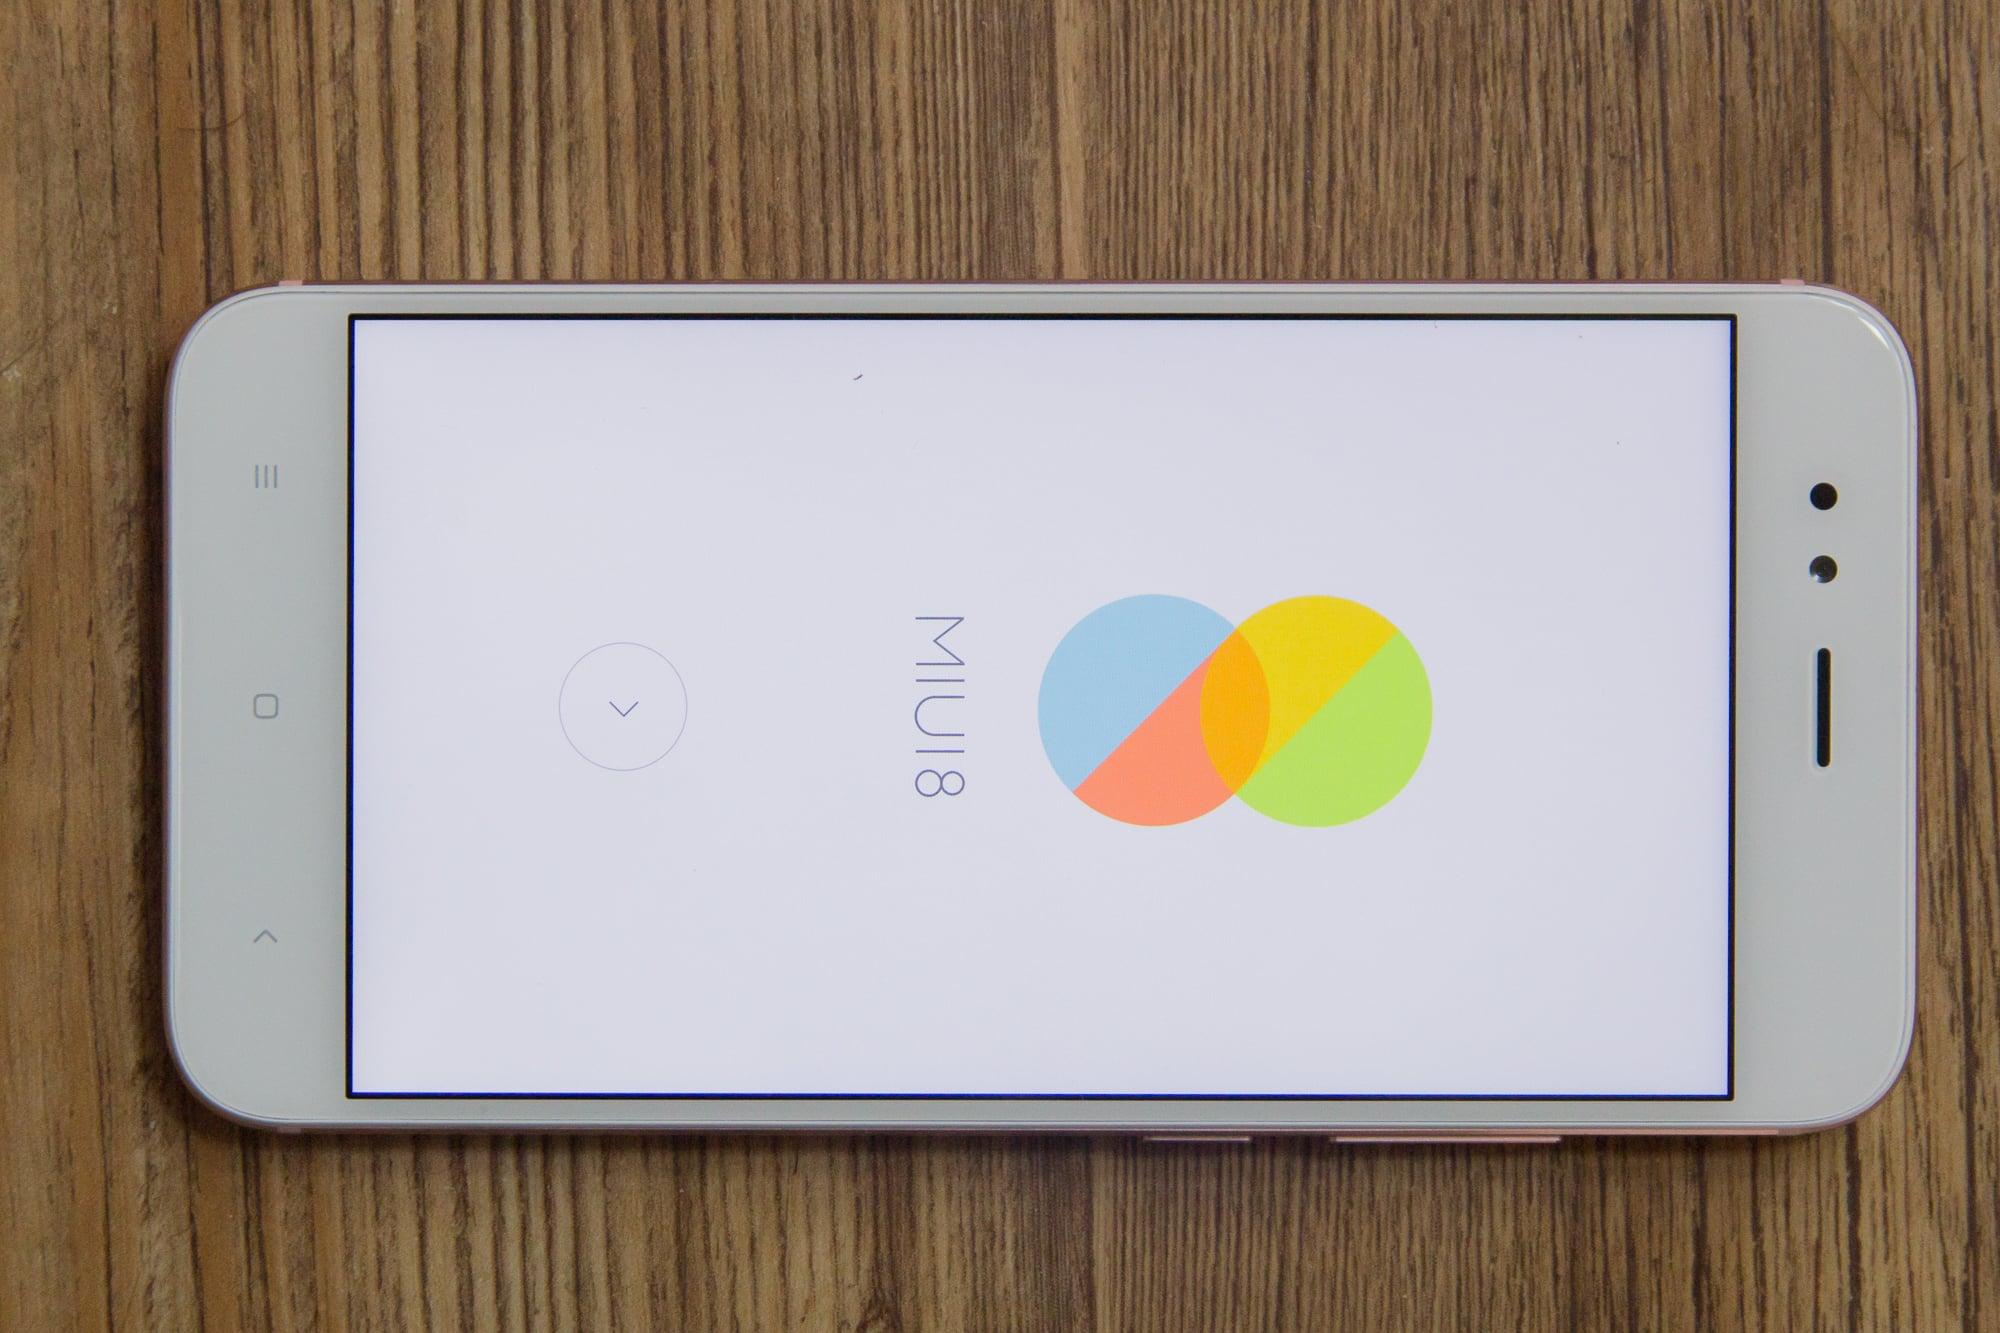 Обзор недорогого смартфона с хорошей для этой цены камерой. Изучаем Xiaomi Mi 5X (он же A1) - 2